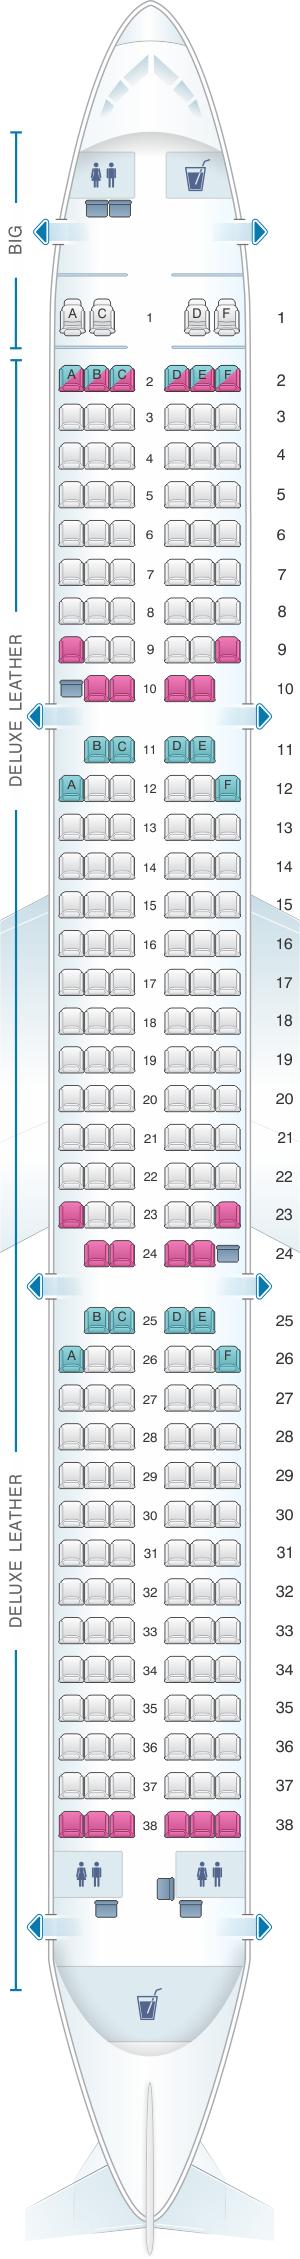 seat map spirit airlines airbus  seatmaestro